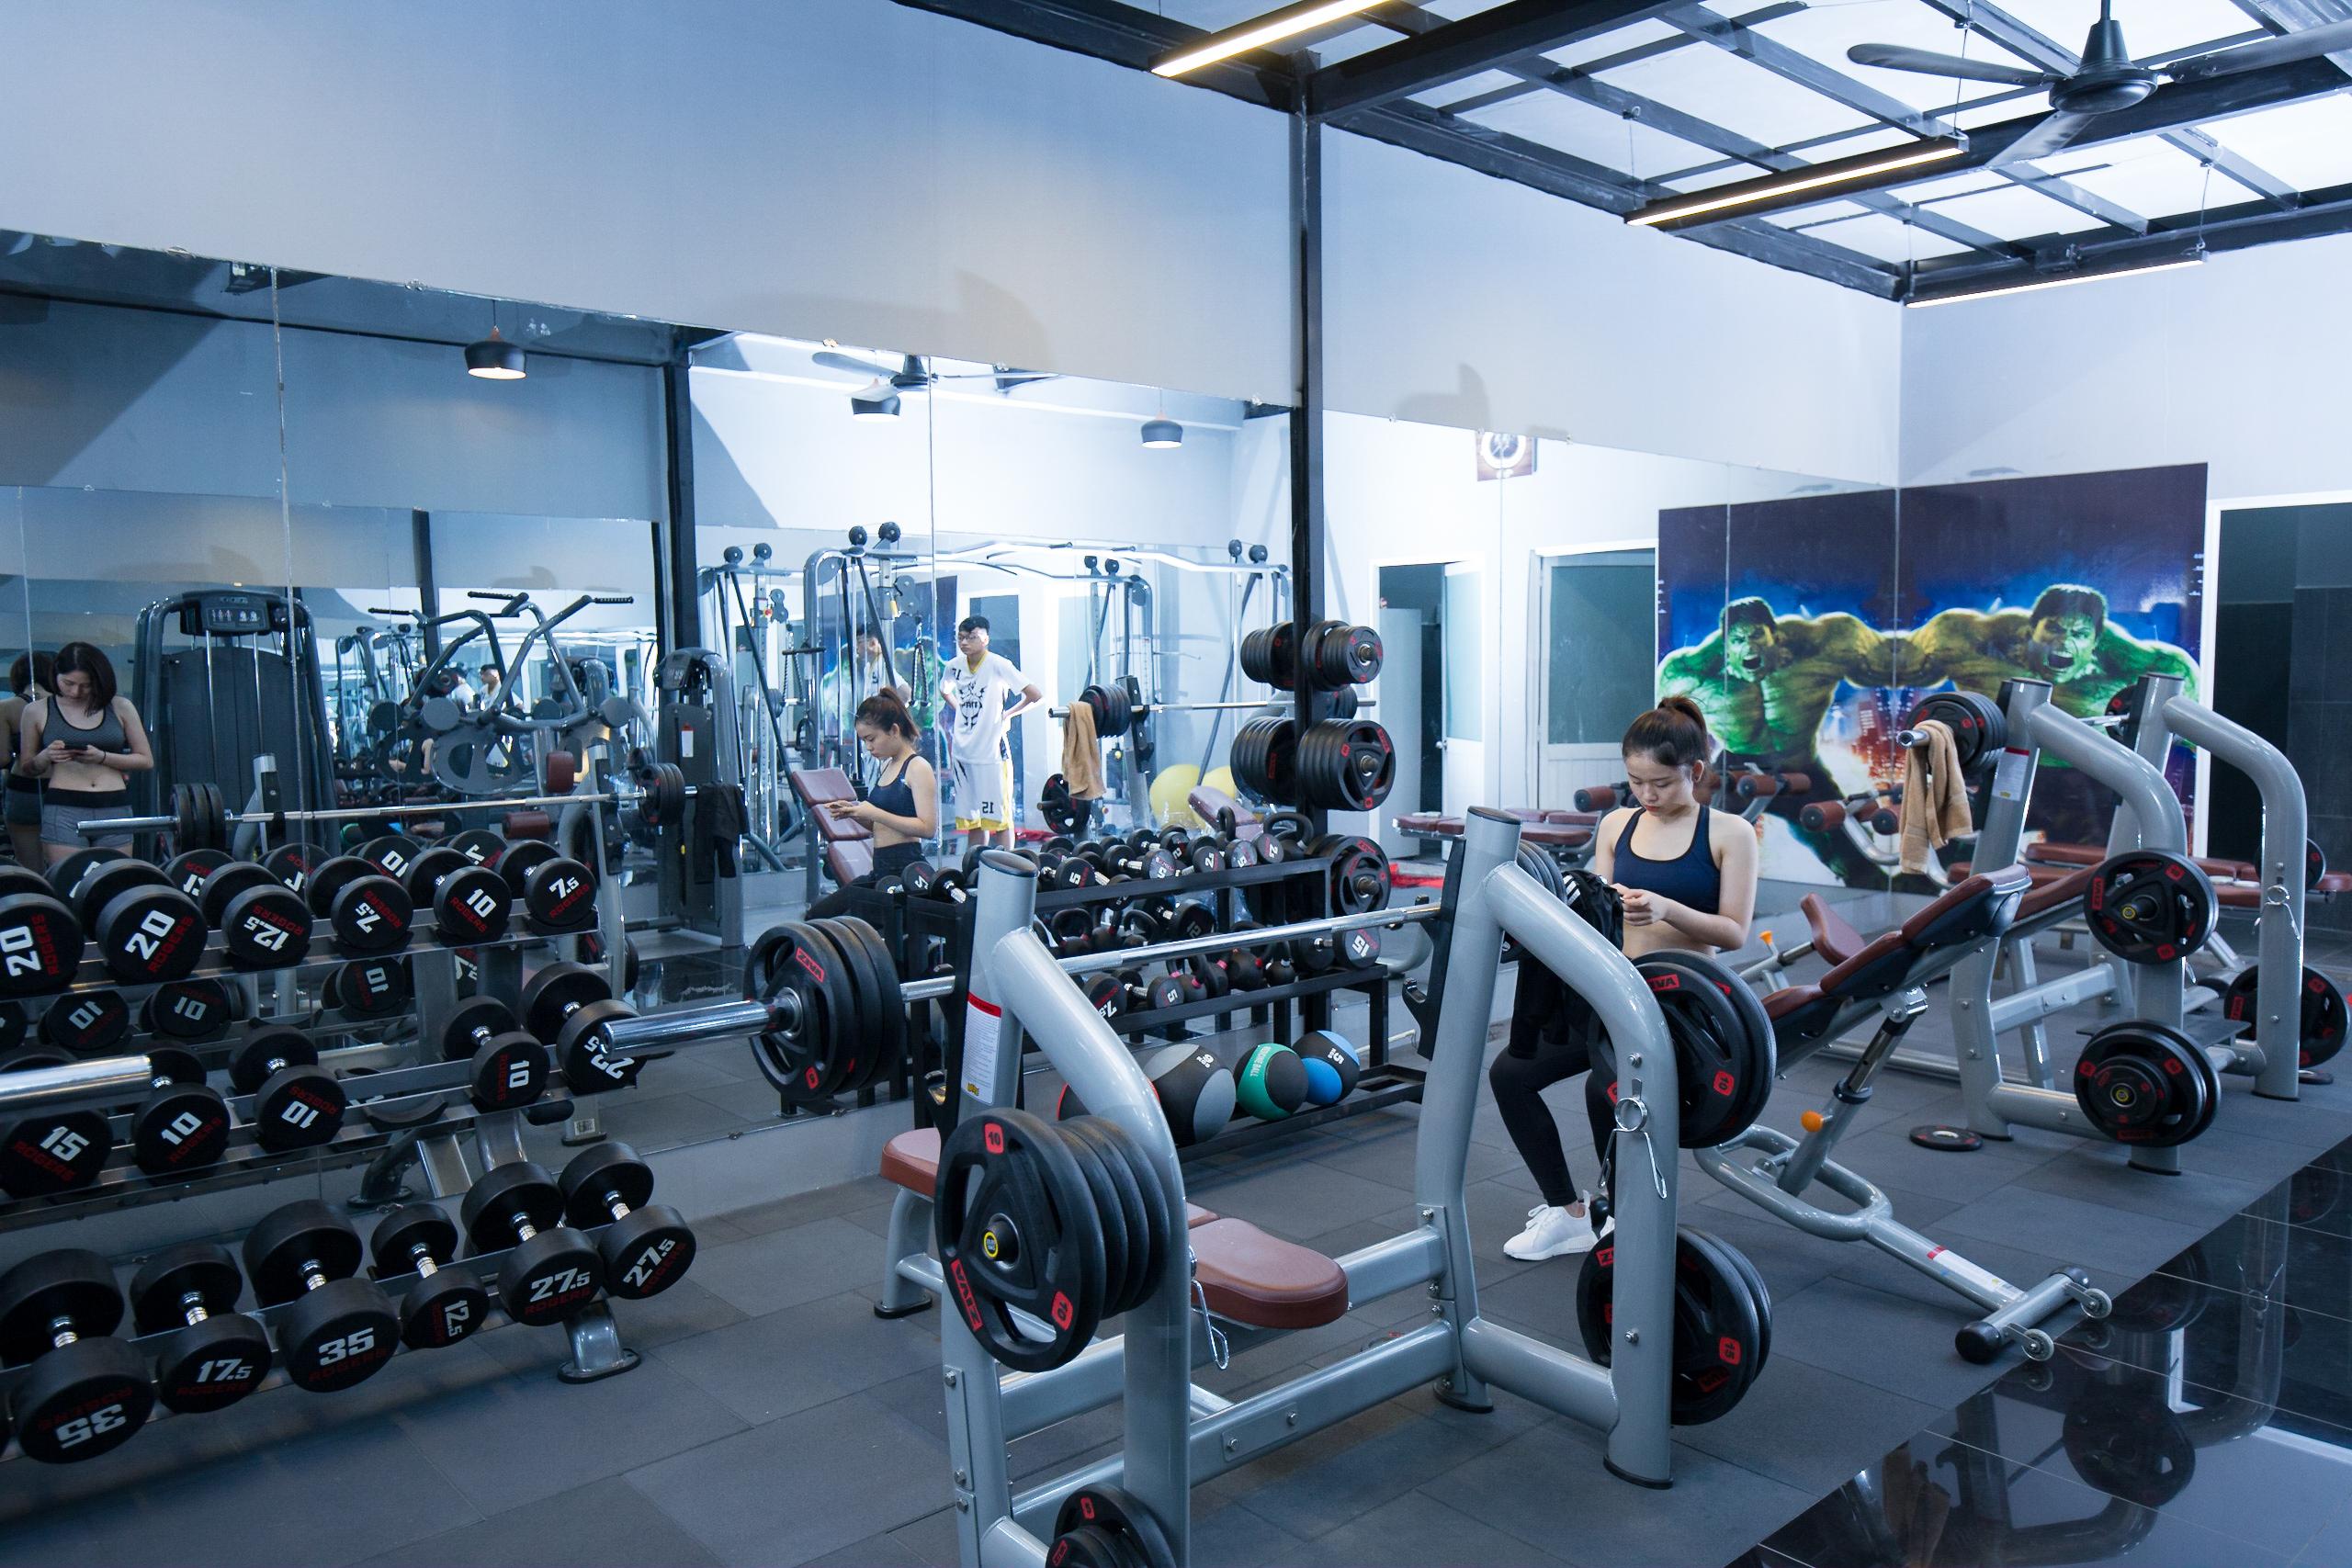 Phòng tập gym có được nhận tiền hỗ trợ Covid-19 hay không?